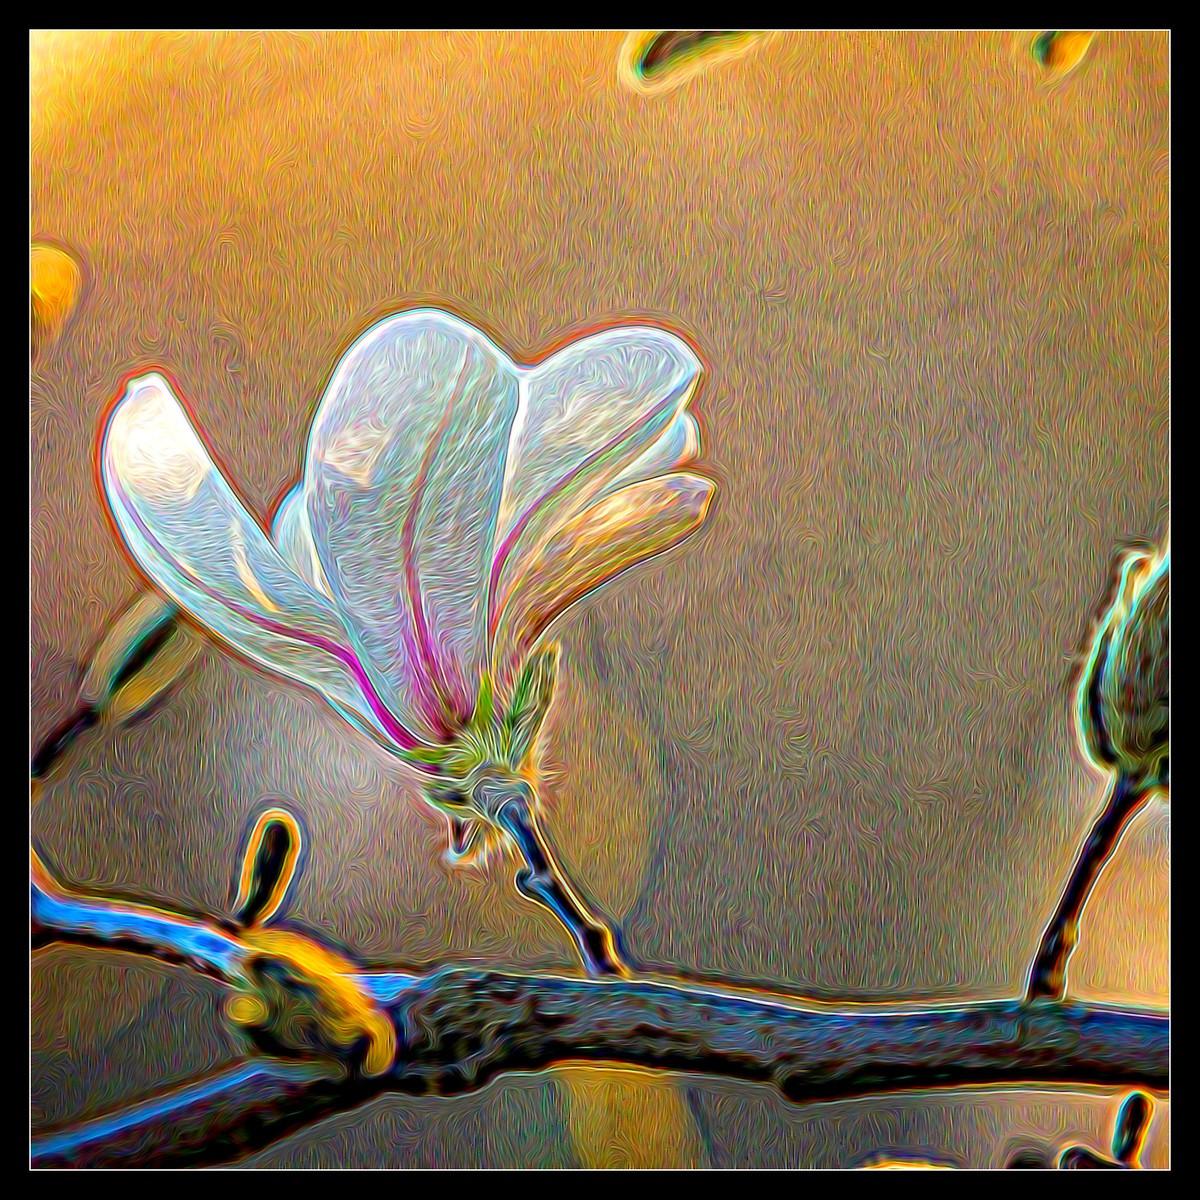 玉蘭花開春色到_圖1-3